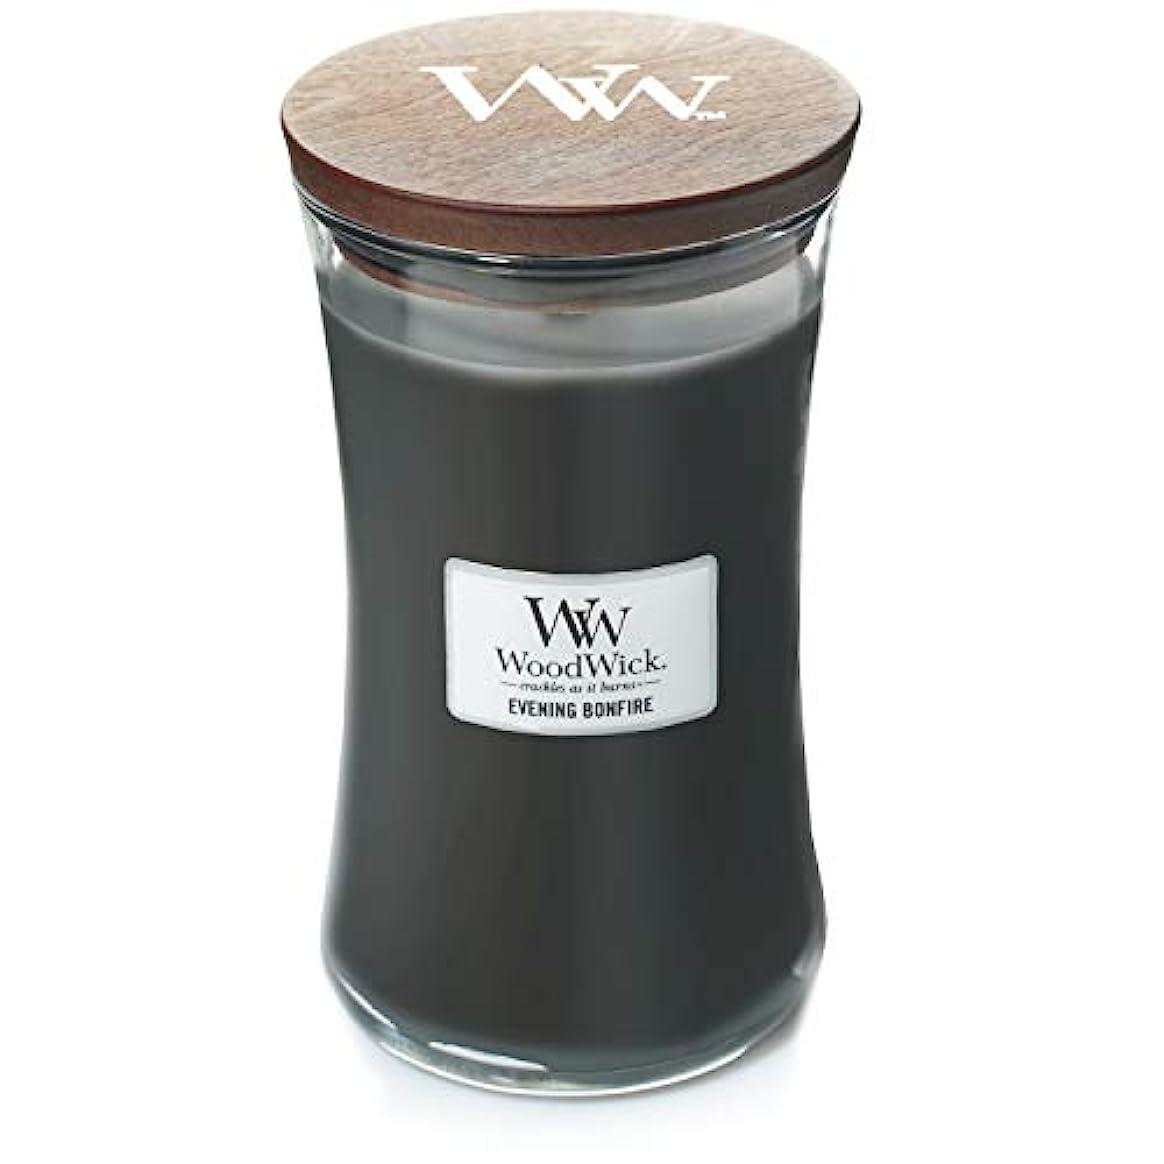 ファンタジー学部必要WoodWick キャンドル ラージ イブニング 焚き火